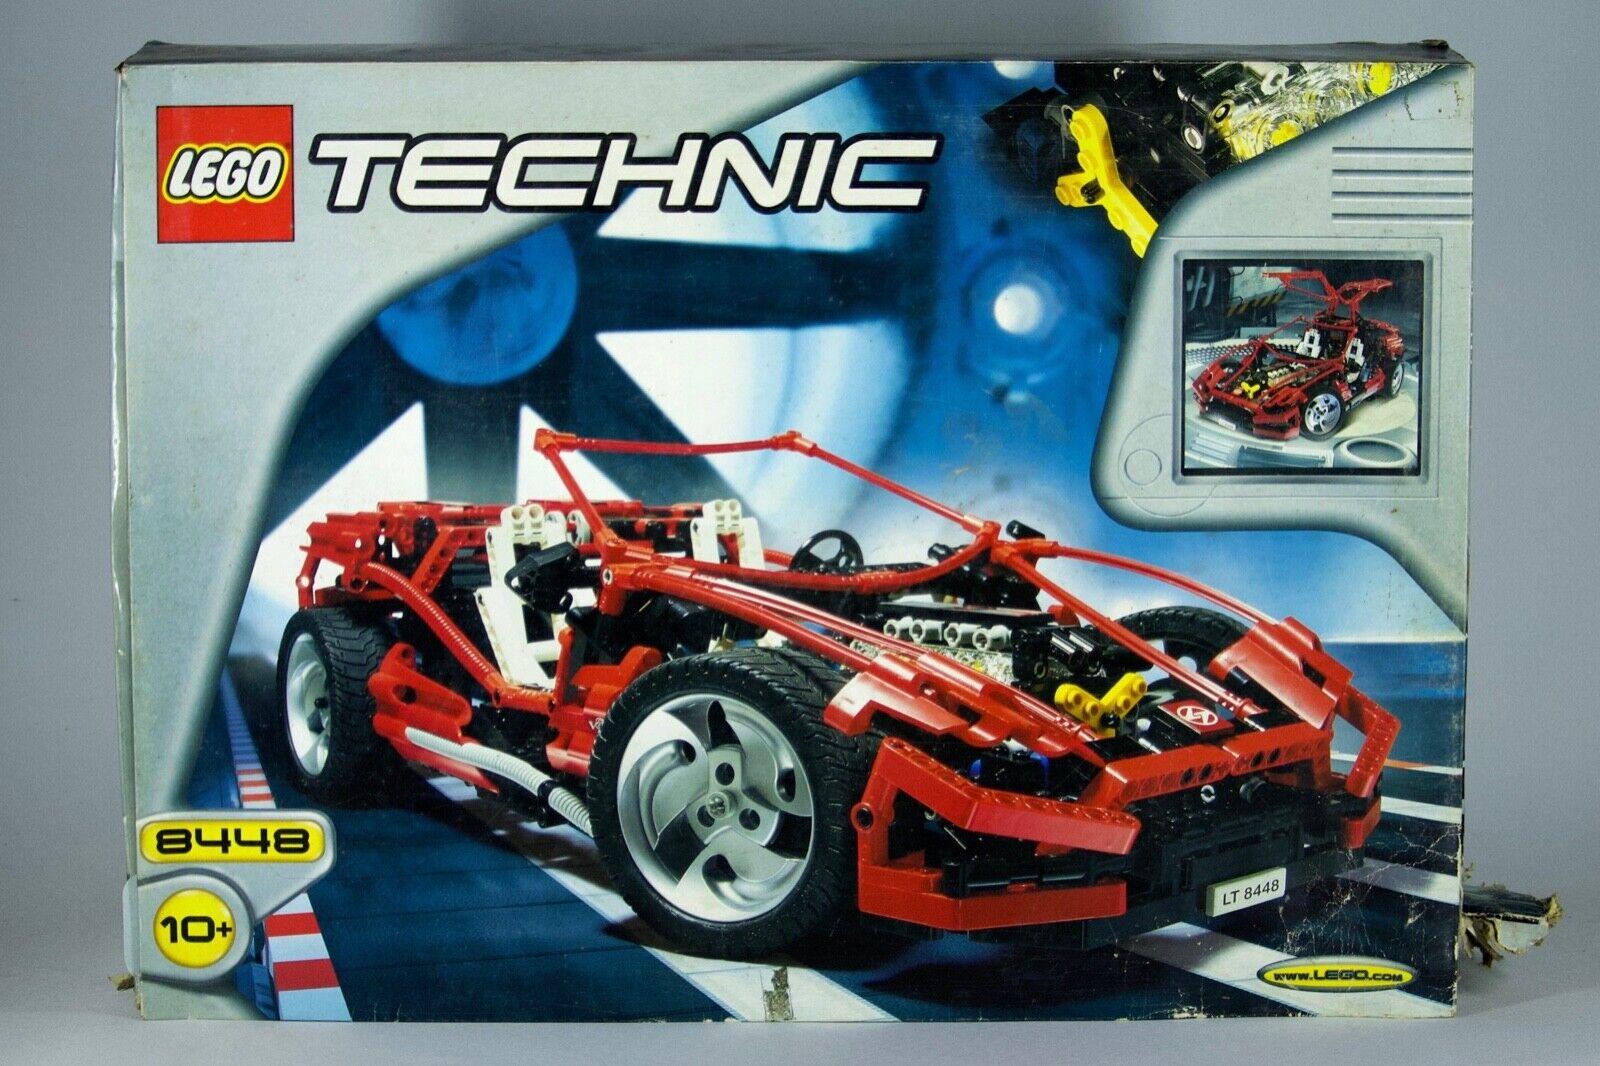 Lego Technic Super Street Sensation 8448 Abierto Caja Sellada Piezas Pegatinas falta